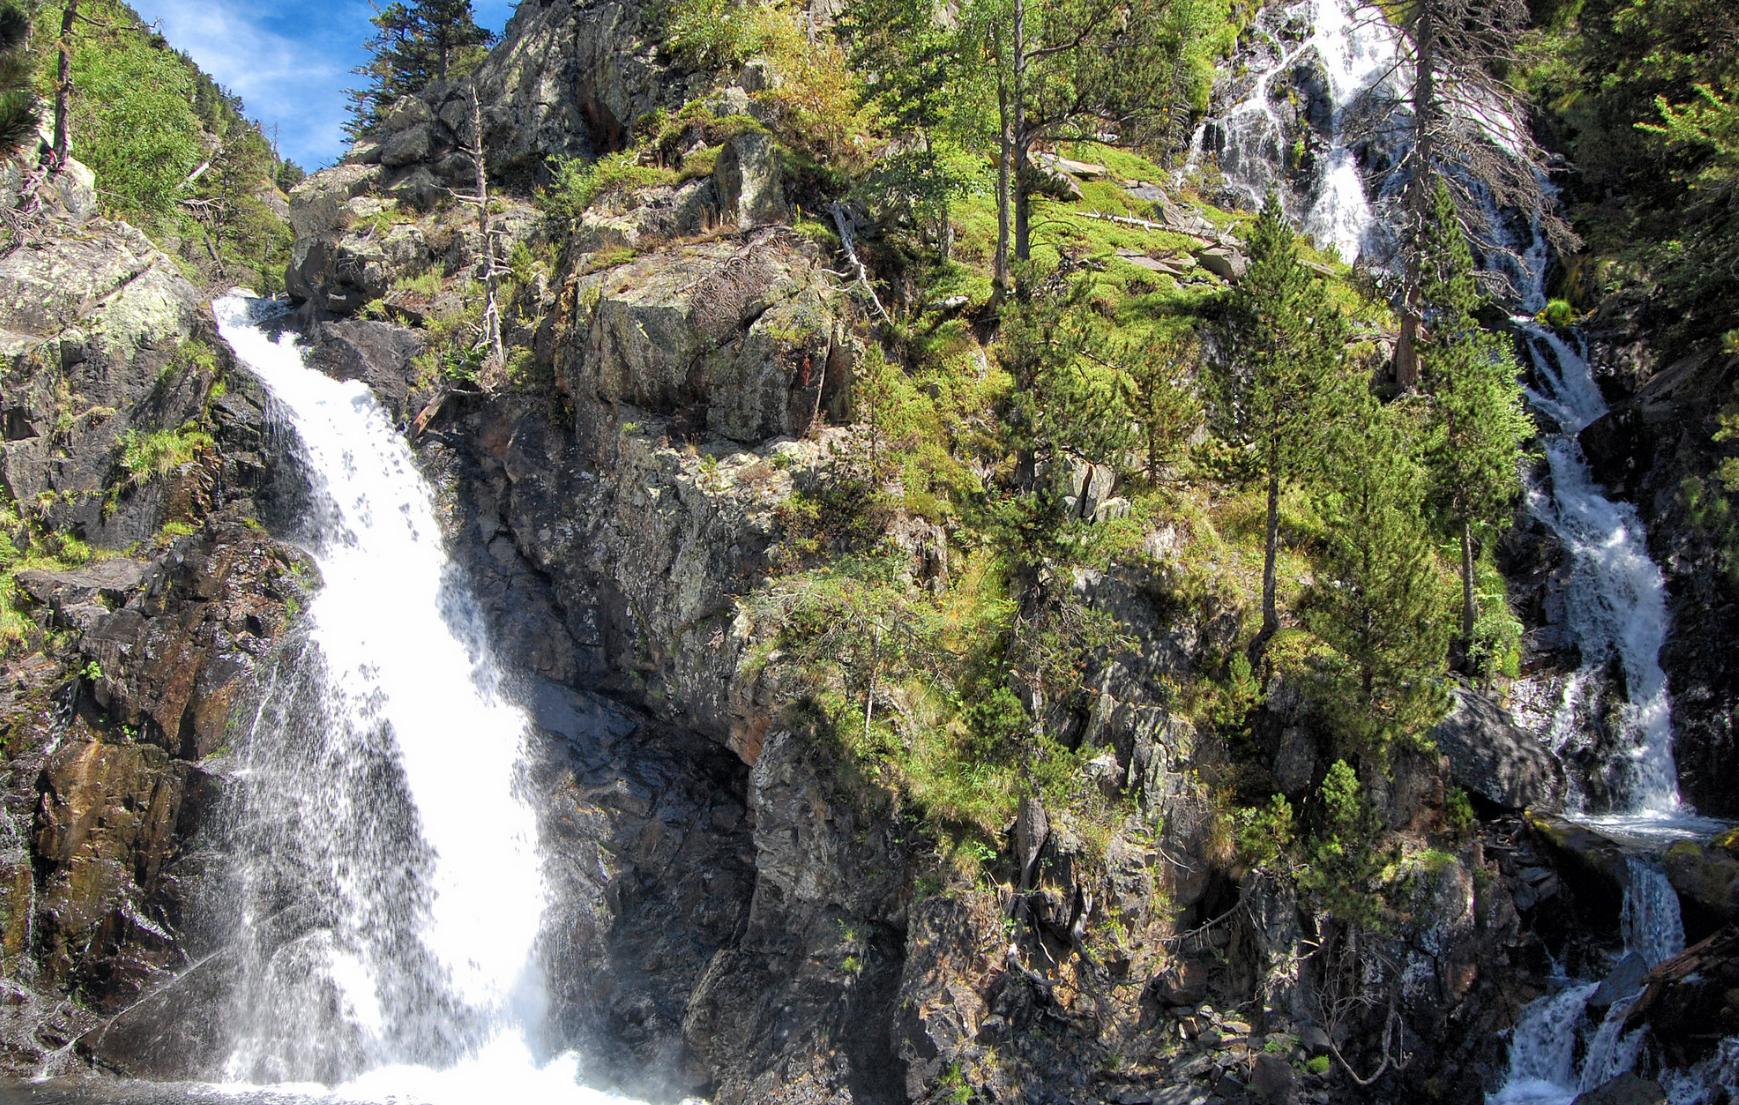 Ruta Circular hacia las Cascadas Gorgas del Alba 💦 por el Sendero Botánico